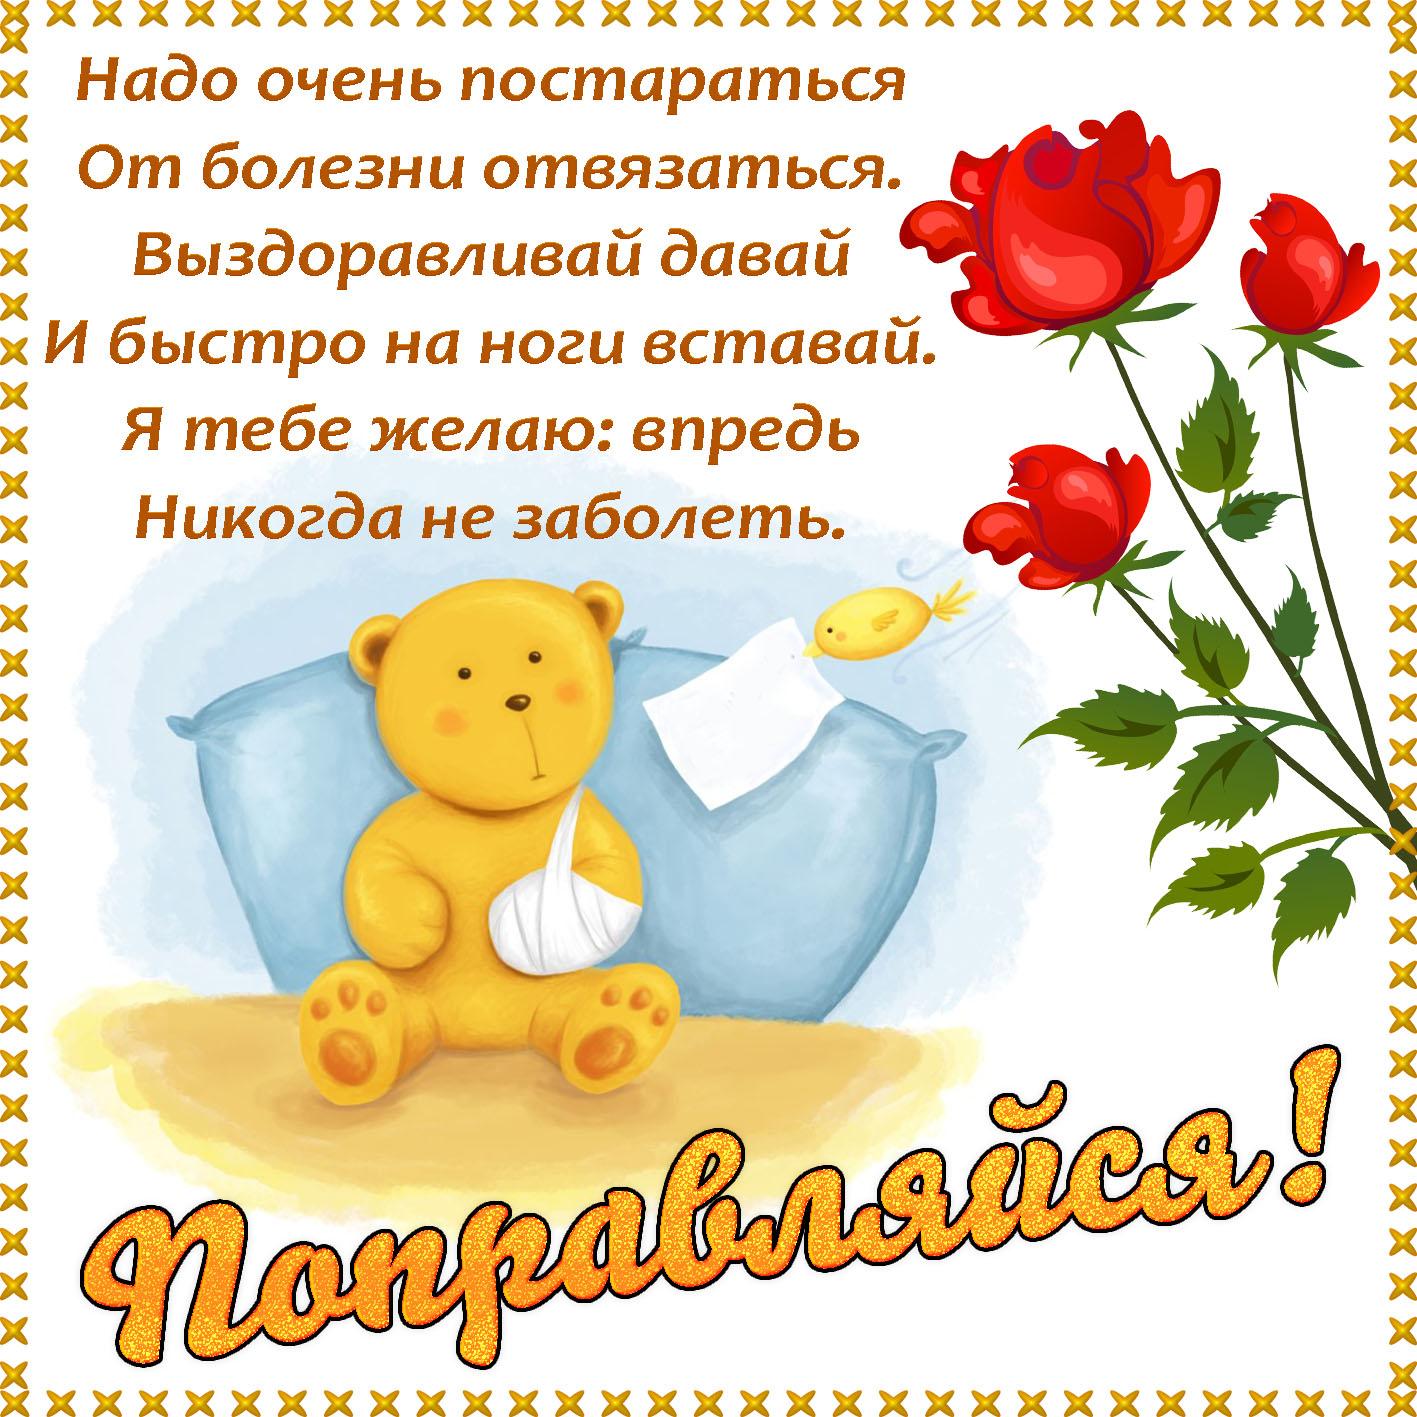 Крестной, открытка с пожеланиями скорейшего выздоровления учителю